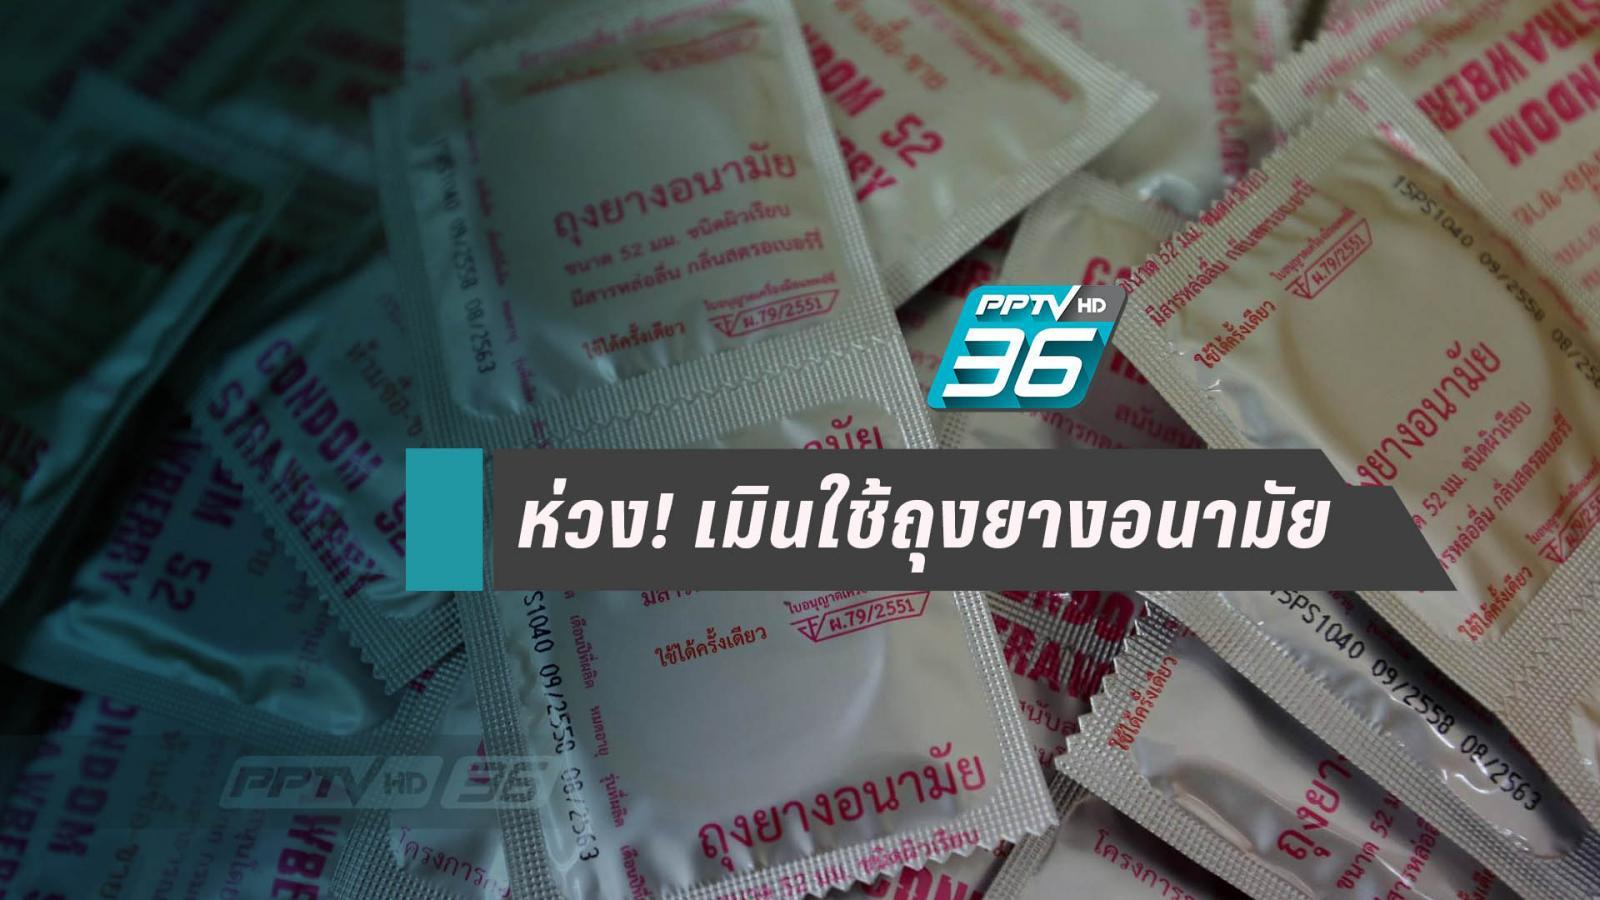 ห่วงปี 63! สถานการณ์วัยรุ่นหญิงเลือกกินยาคุมฯ เมินใช้ถุงยางอนามัย กลัวท้องมากกว่าติดโรค